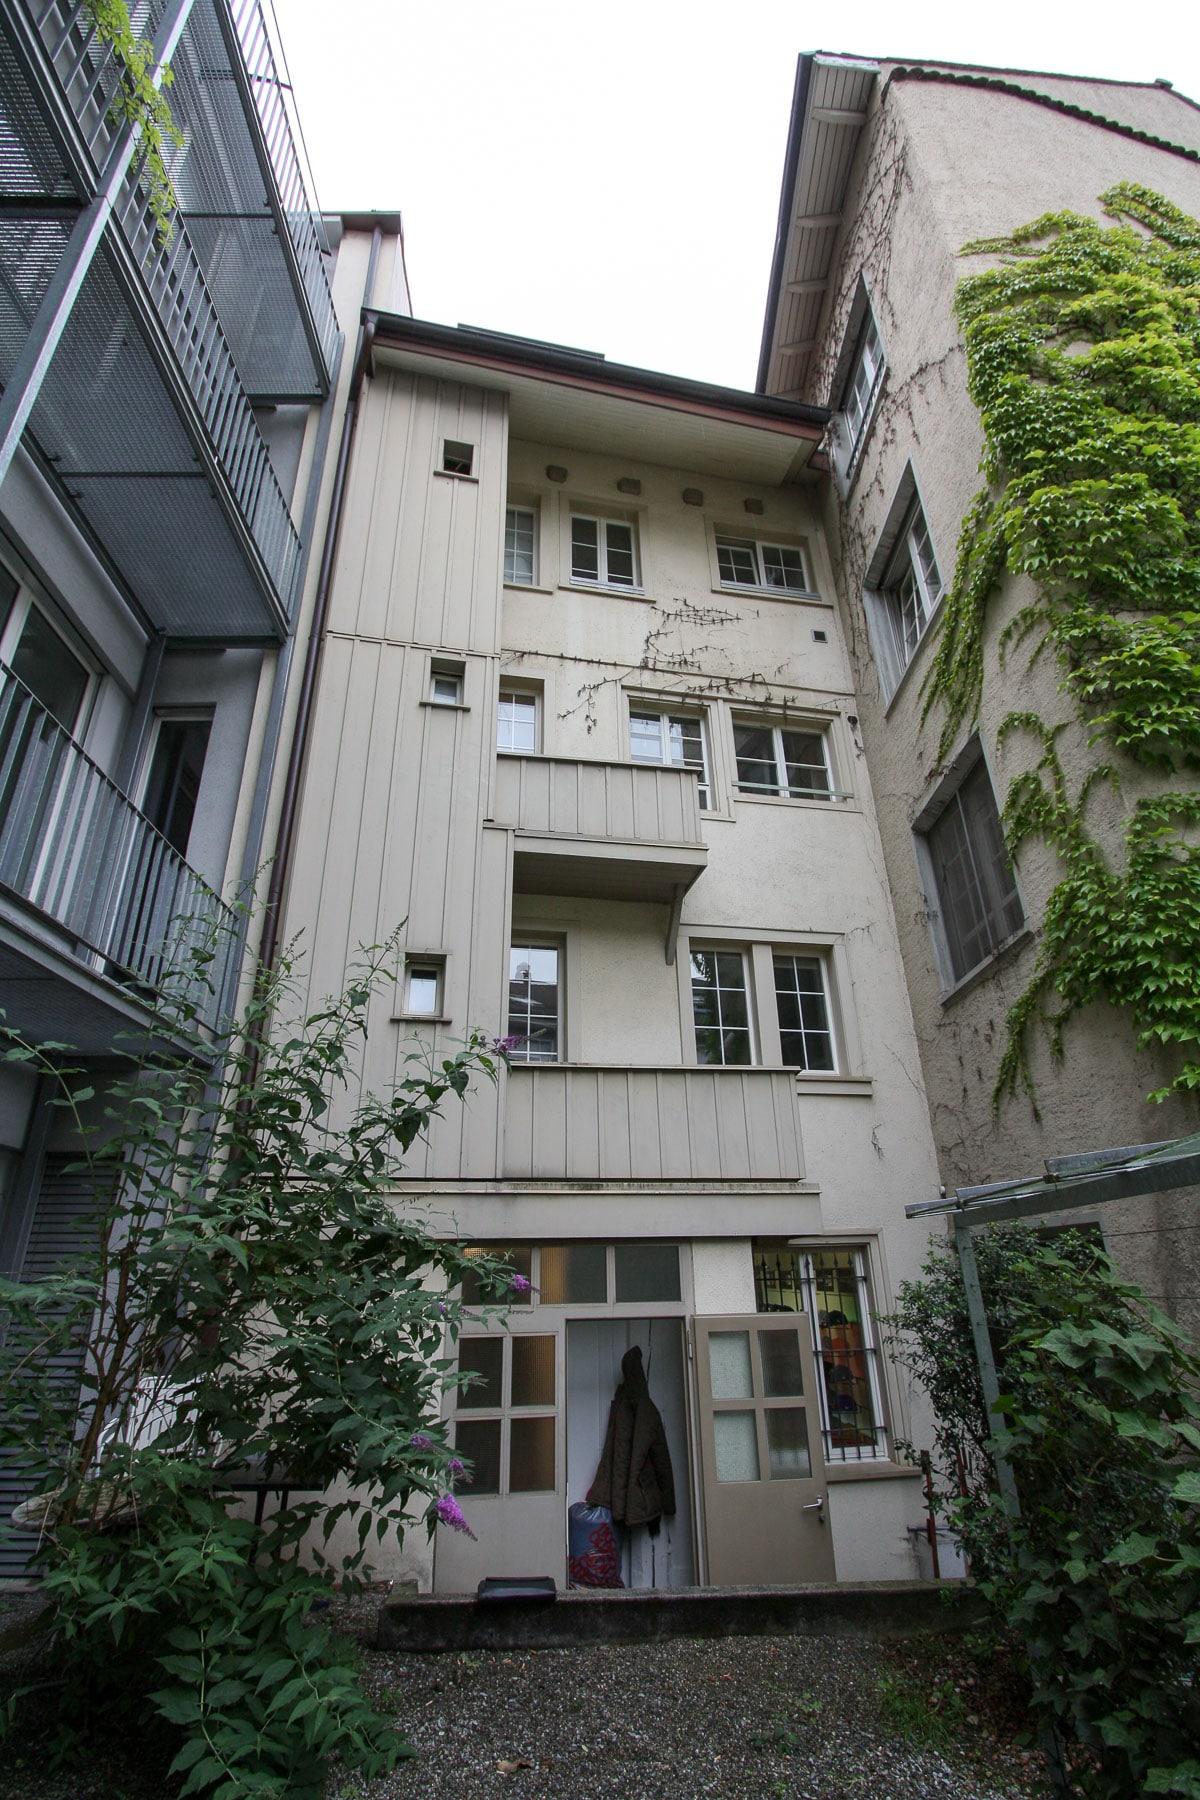 03-Hoffassade vor Umbau-bearbeitet